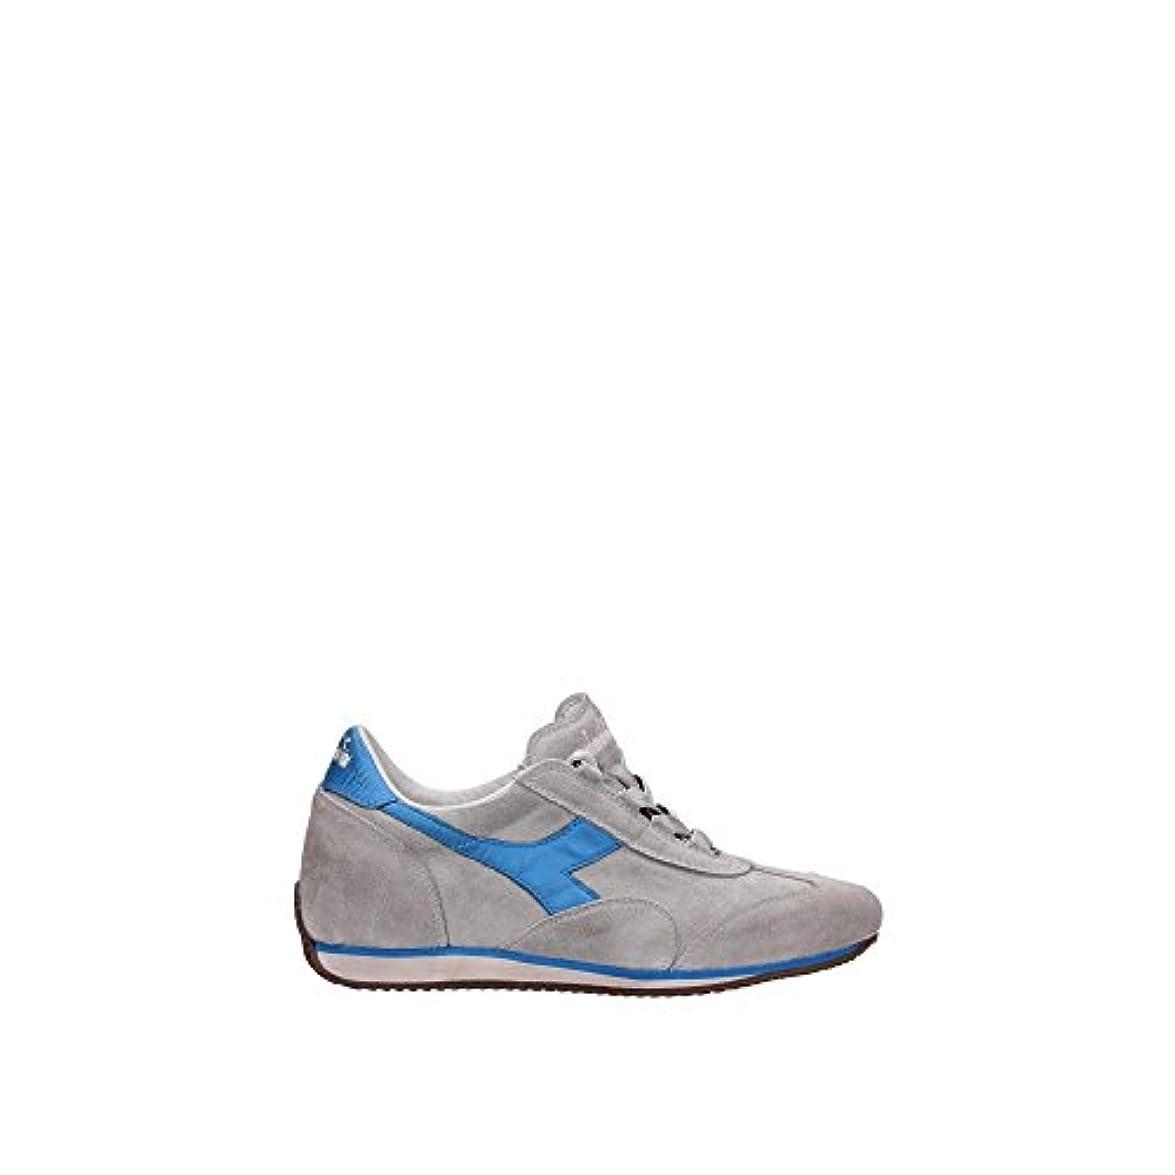 Equipe W Suede Sw Sneakers Uomo donna Camoscio grigio azzurro Nr 38